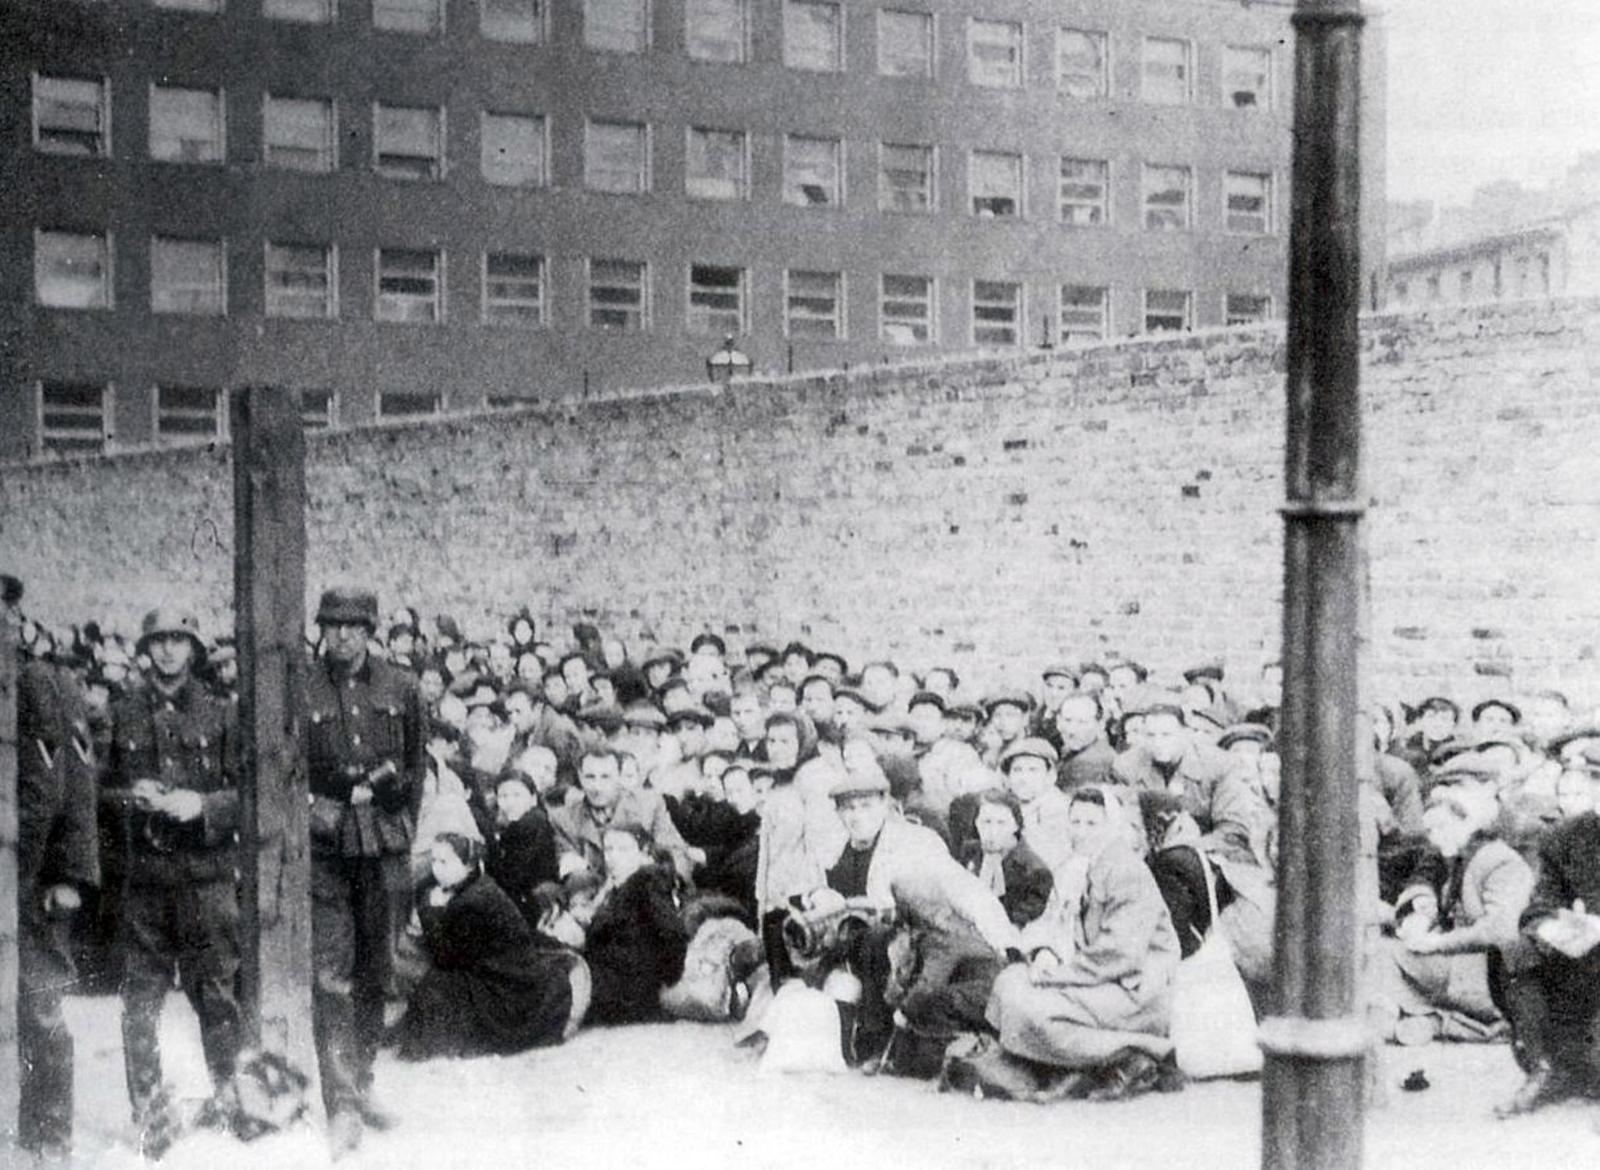 Умшлагплац, особый перевалочный пункт в Варшавском гетто, фото 1942 г.